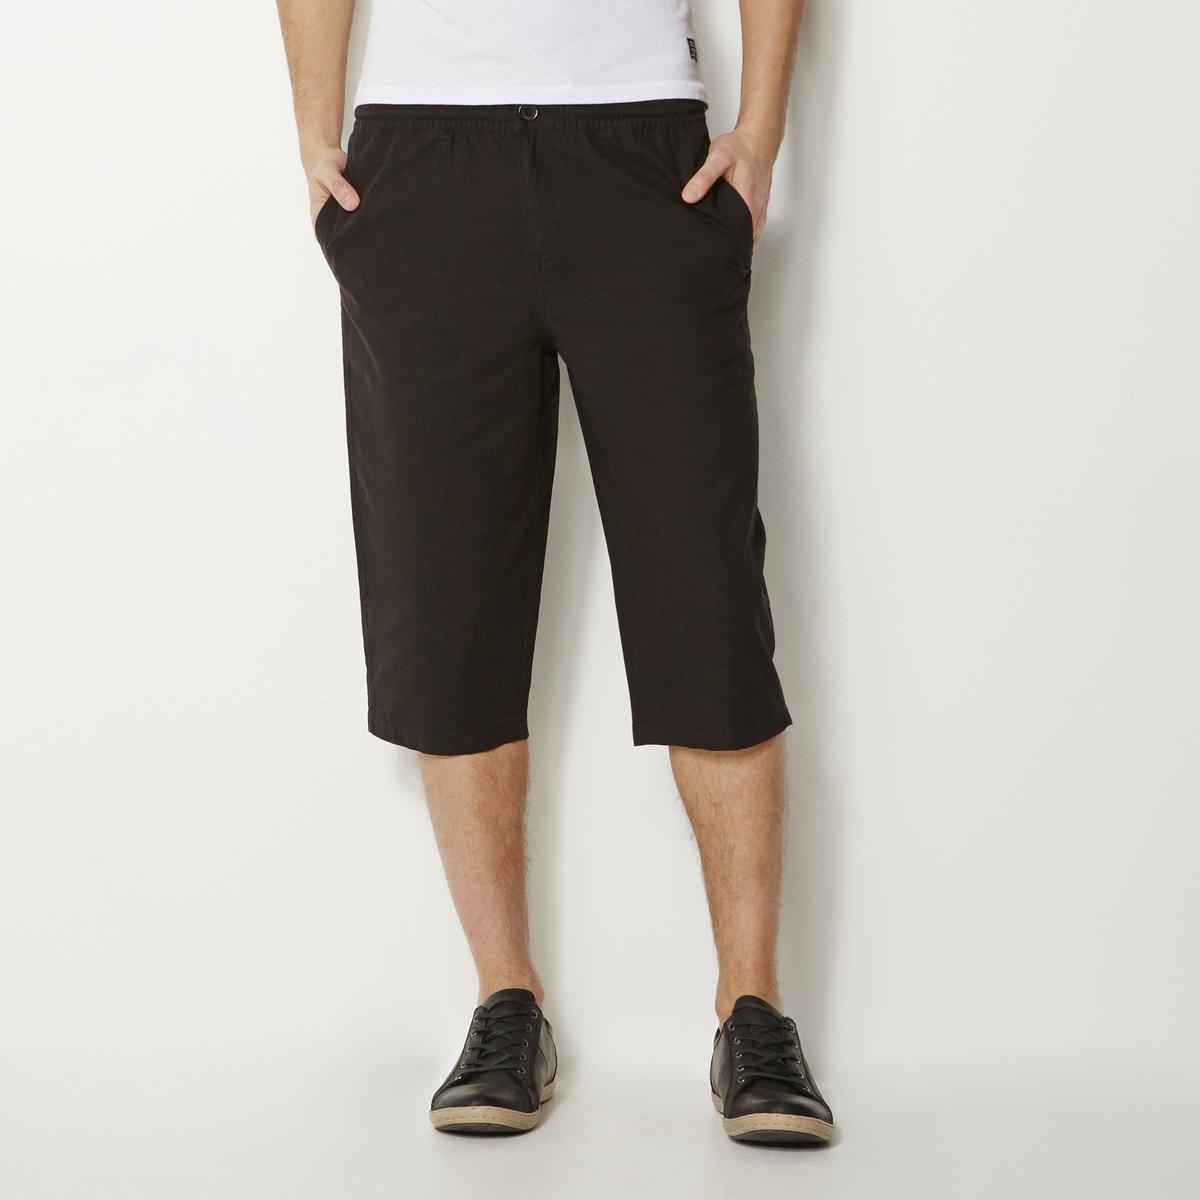 Брюкие укороченные хлопковыеОписание:Детали •  Укороченные брюки •  Высота пояса стандартная •  Эластичный поясСостав и уход •  100% хлопок •  Машинная стирка при 40° •  Сухая чистка и отбеливание запрещены •  Барабанная сушка при умеренном режиме •  Гладить при средней температуре<br><br>Цвет: белый,черный<br>Размер: 46/48.42/44.34/36.34/36.38/40